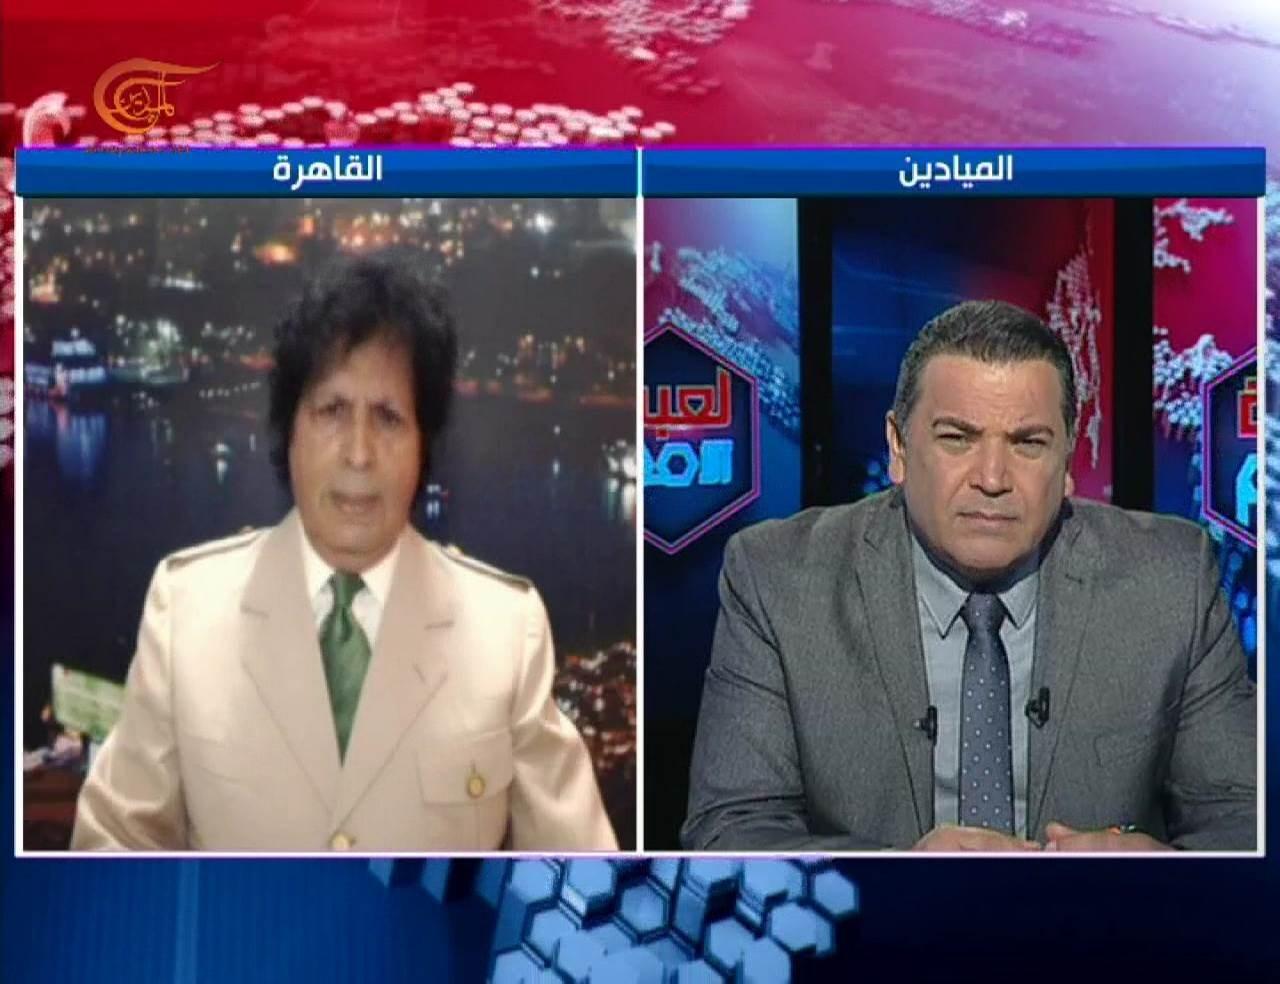 قذّاف الدم للميادين: الغرب يدير الصراع في ليبيا لينهب ثرواتها